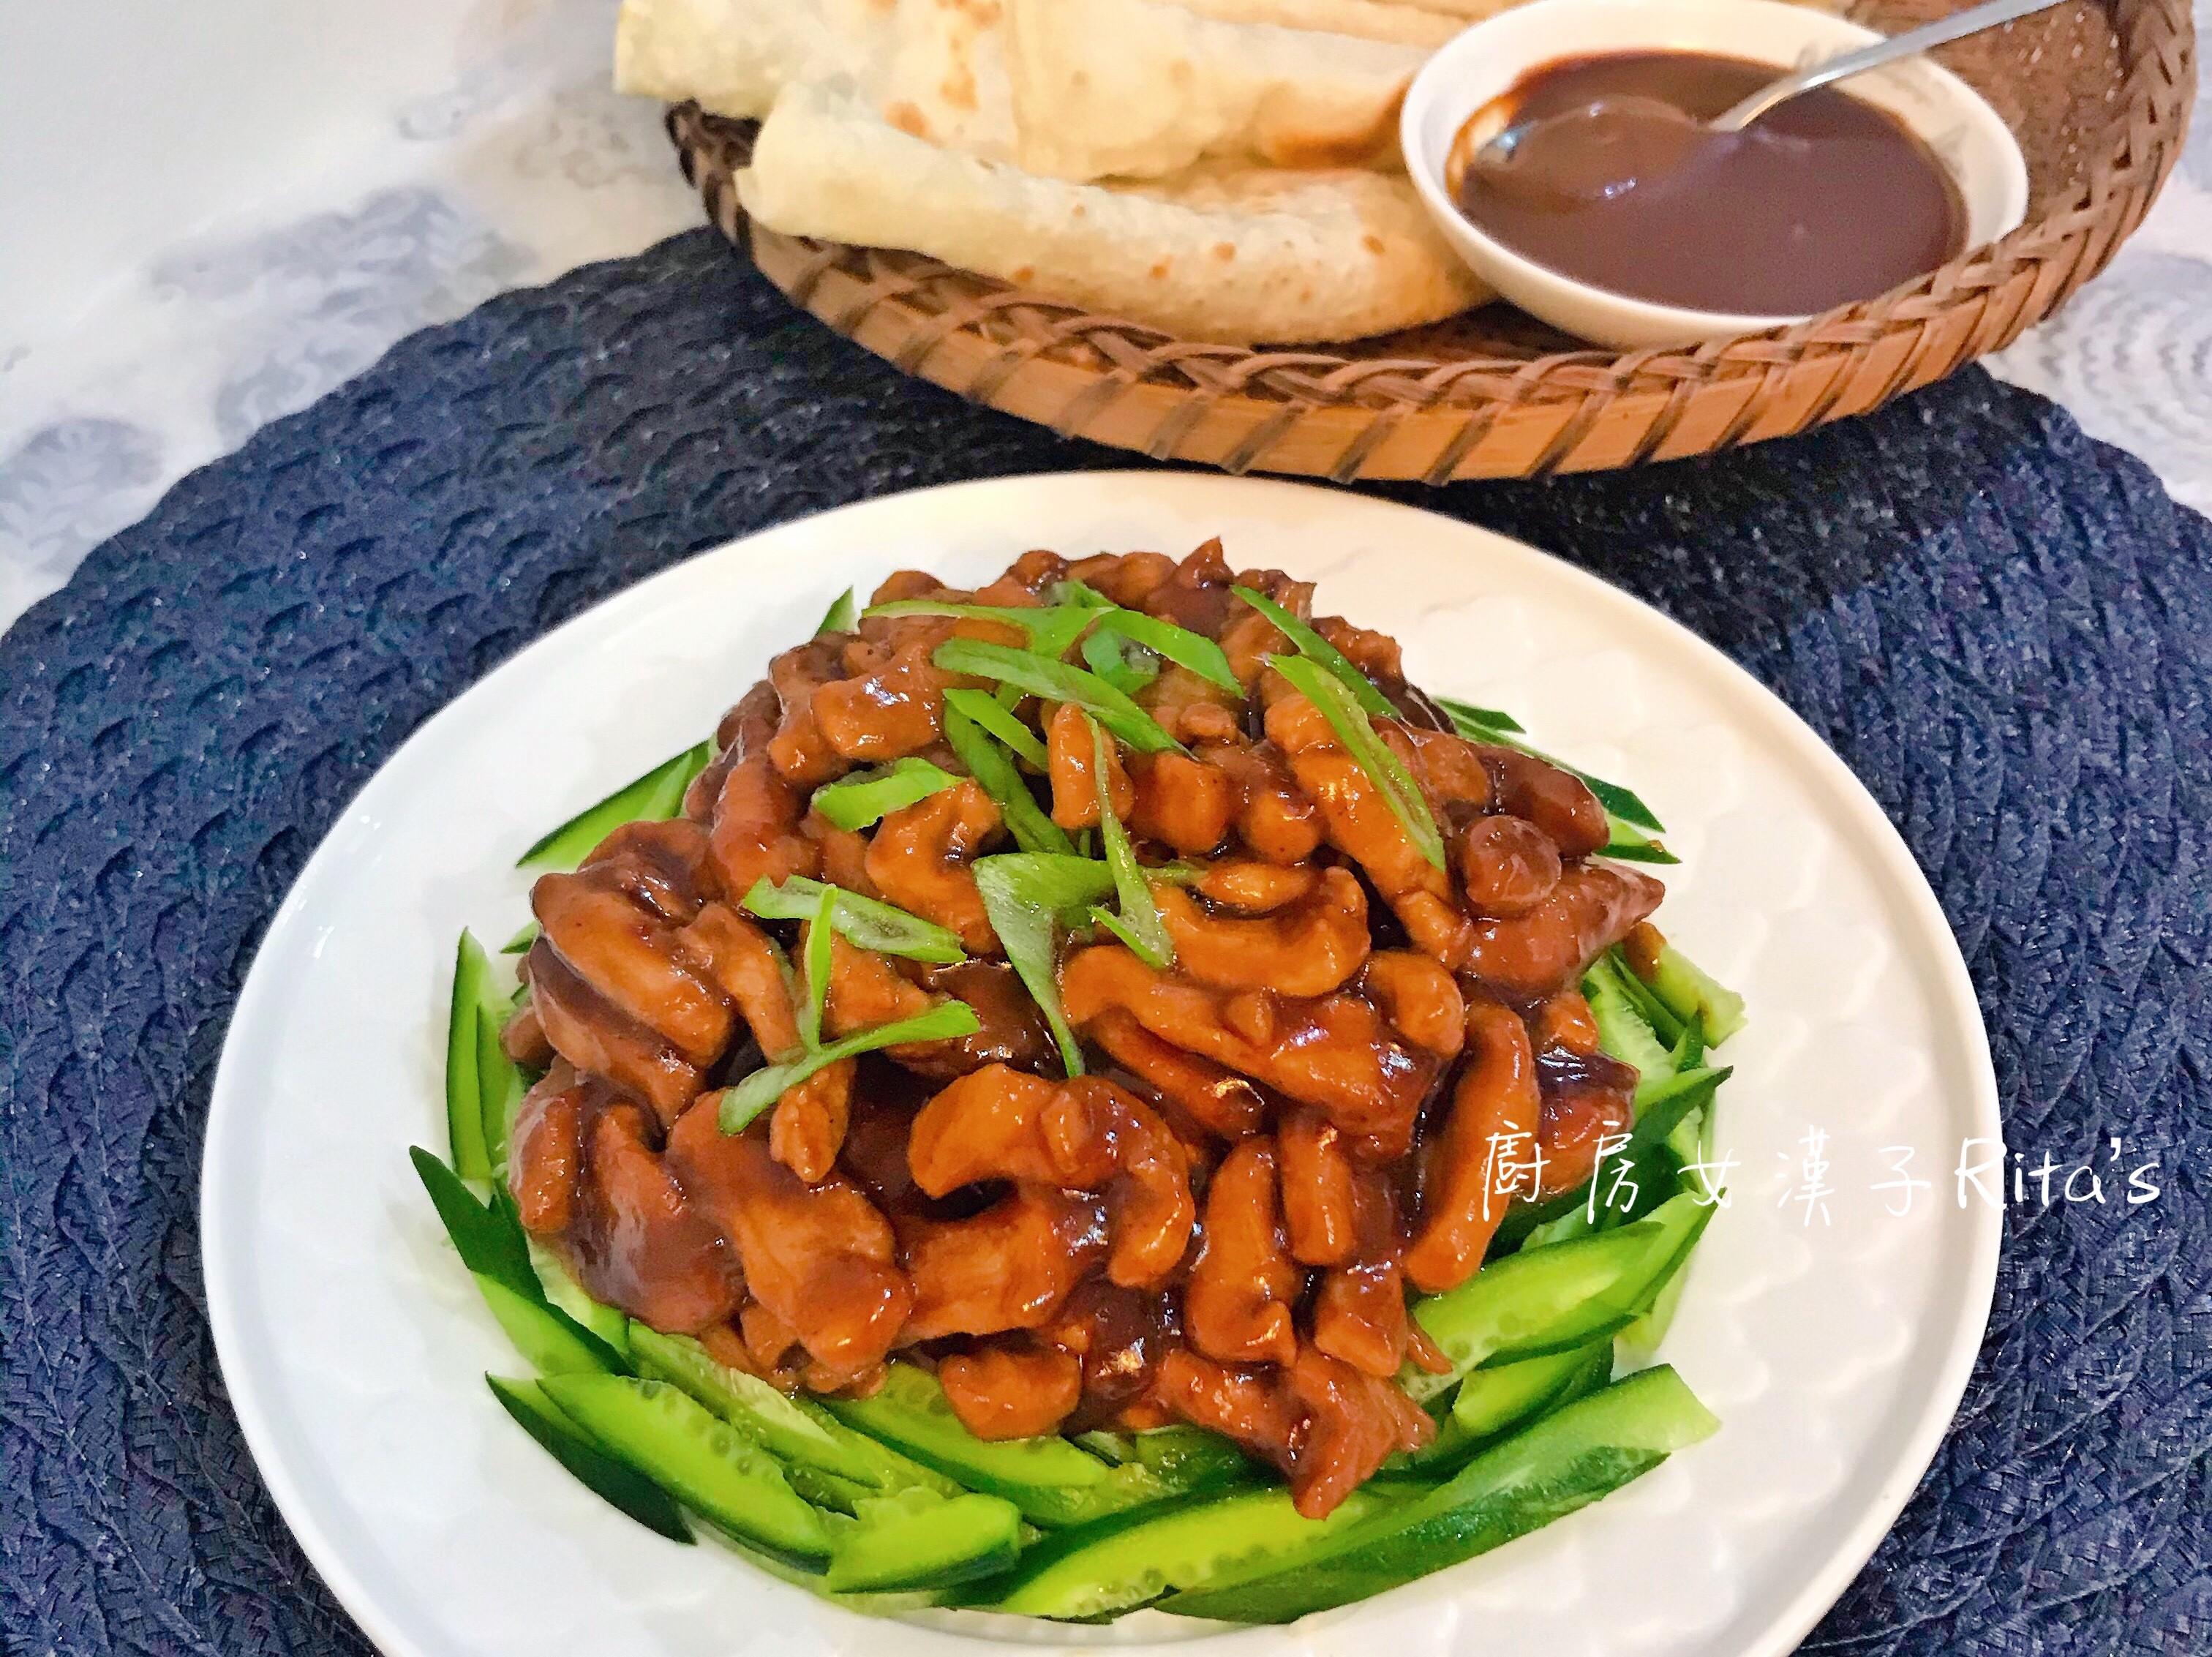 京醬肉絲佐春餅(含甜麵醬作法)